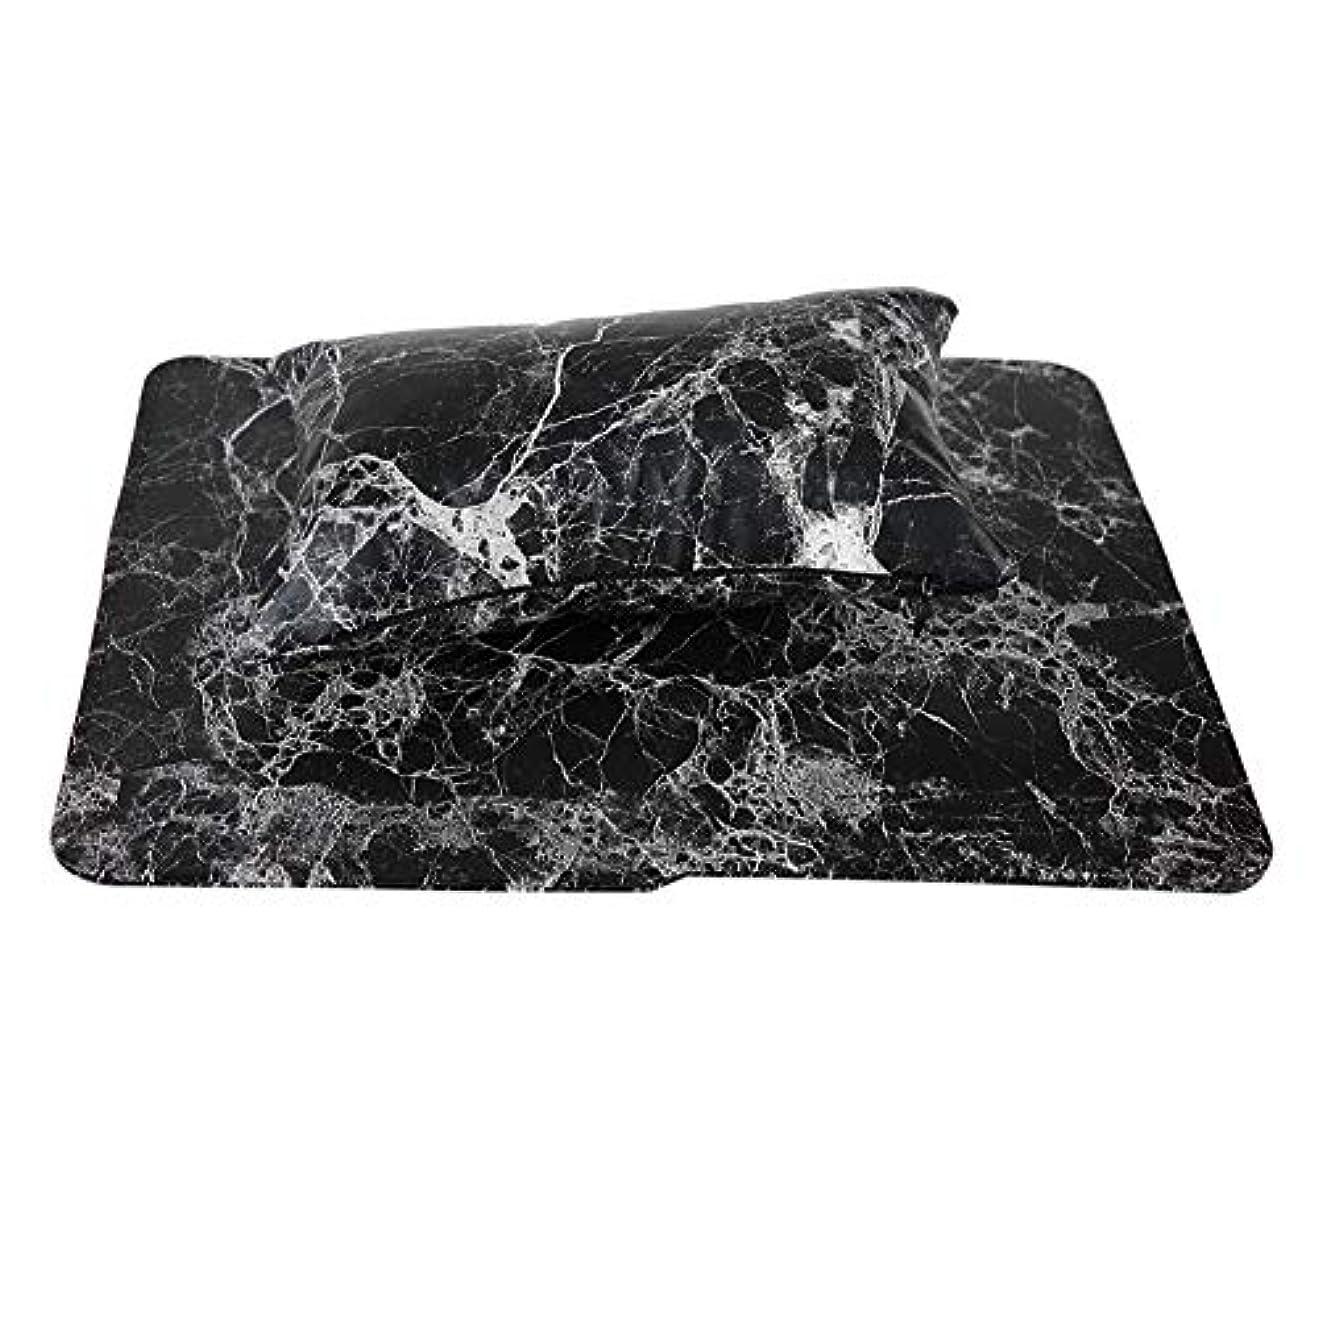 シェルター確執皿新しいネイルハンドピローアップ材料は手洗いすることができます(黒)